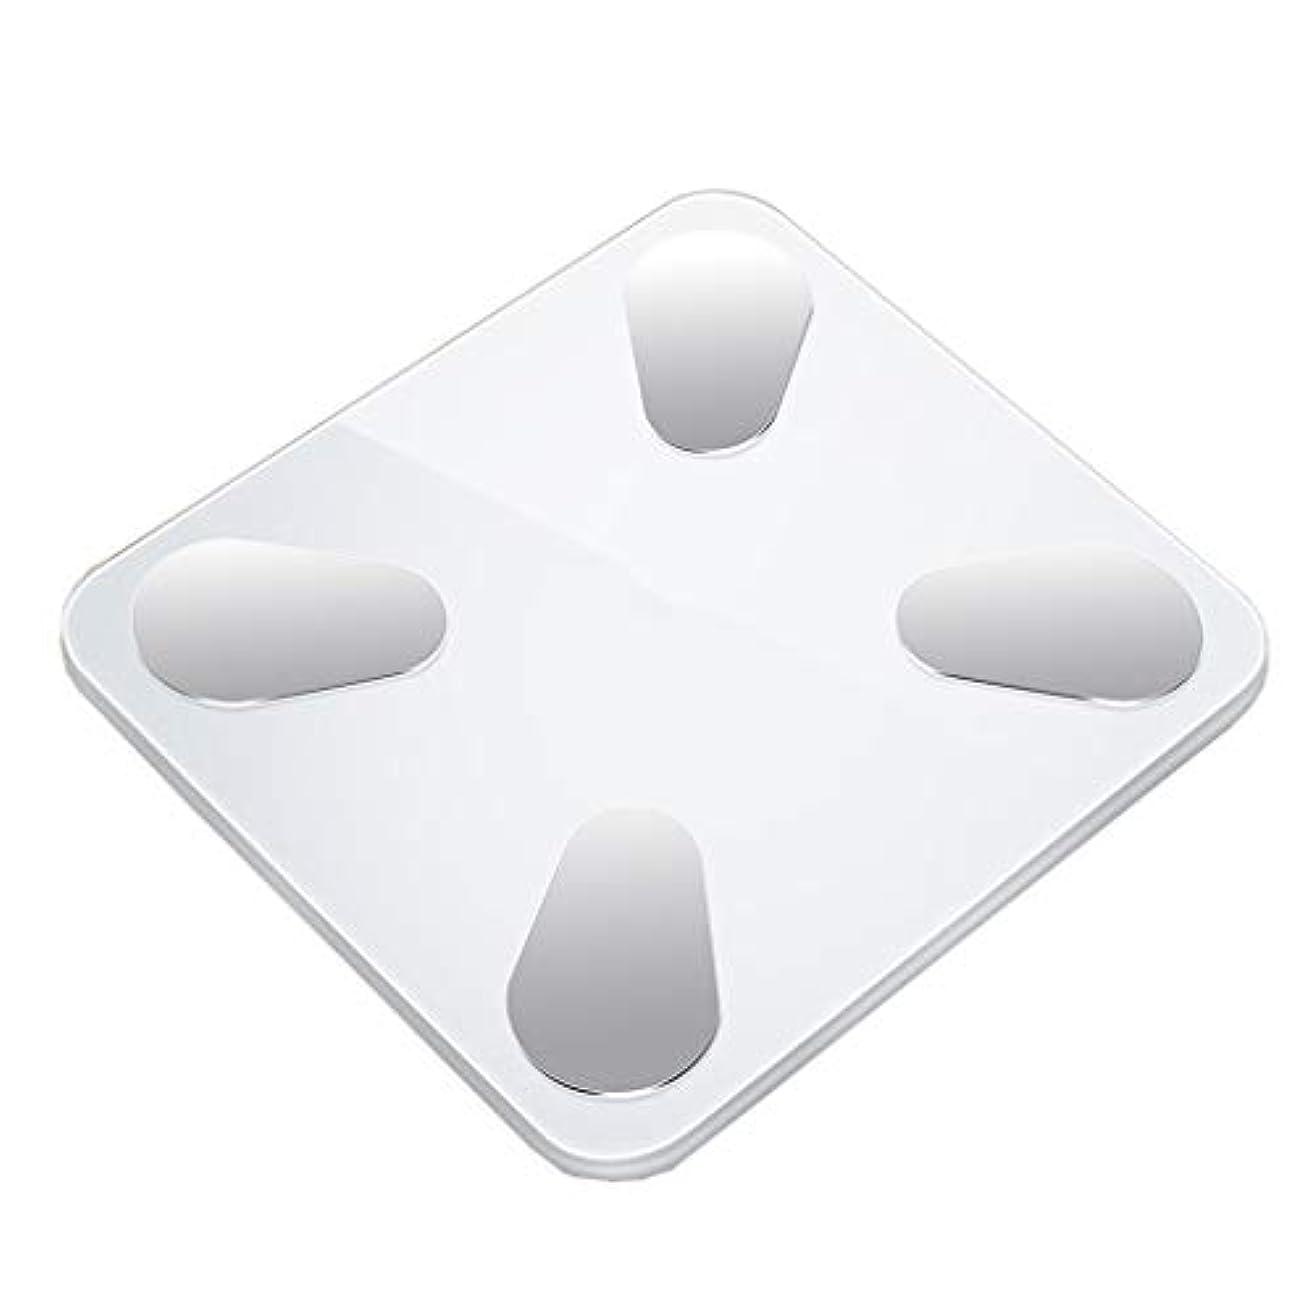 ライムしたがって付与体重計 高精度バスルームスケールデジタル電子重量スケールワイド強化ガラスプラットフォーム安全3cm厚さ180kg容量白